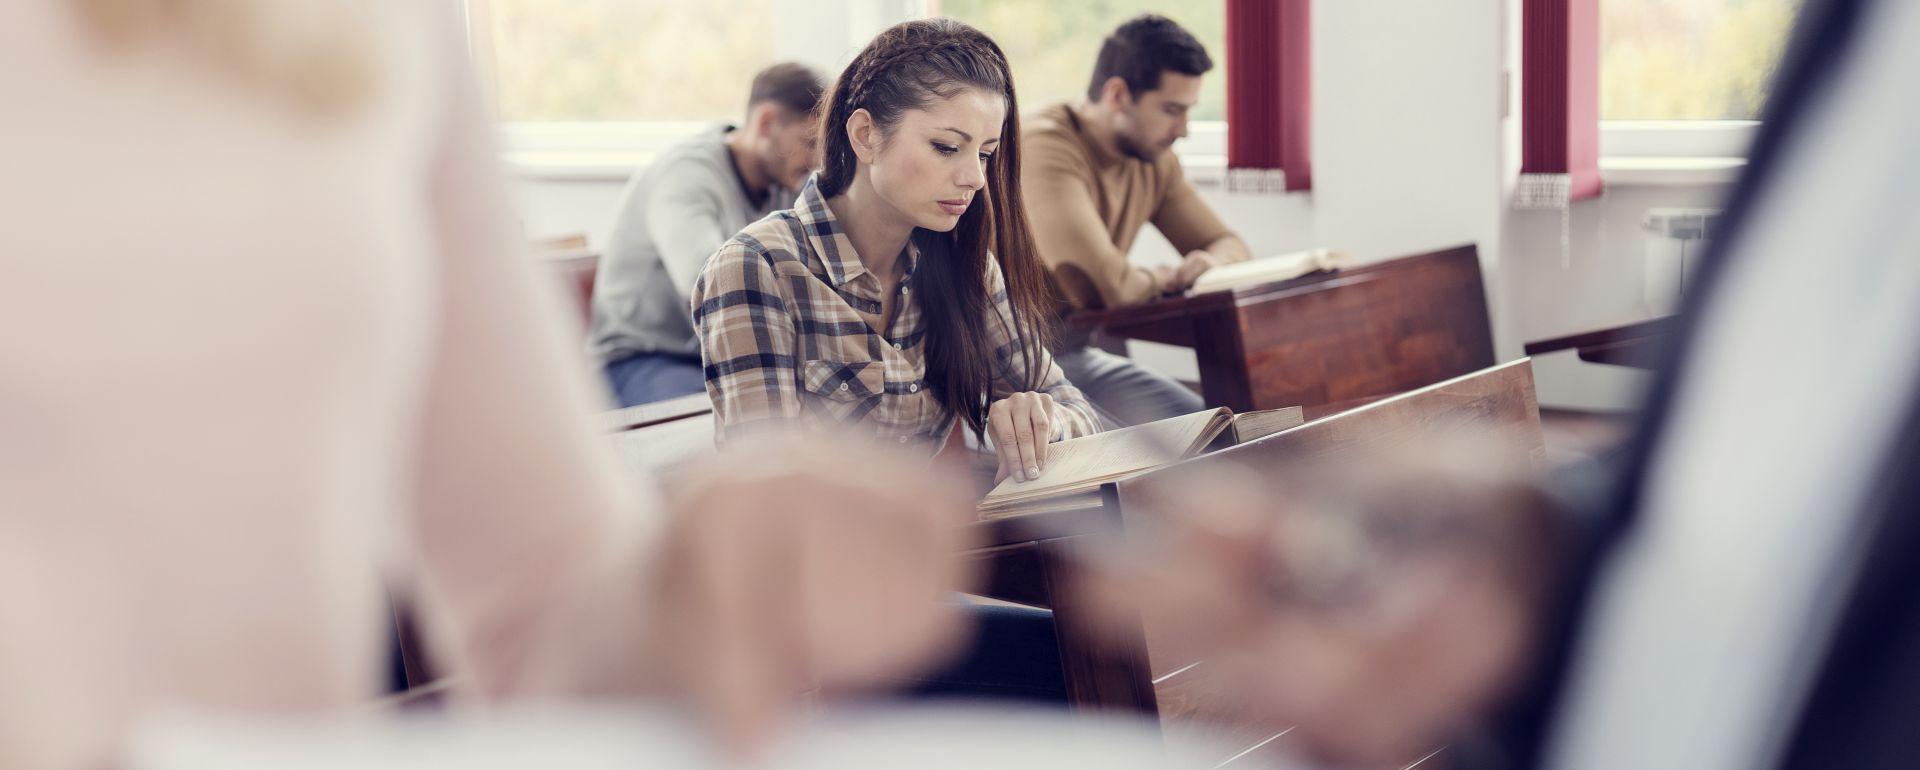 http://giovanisi.it/2016/11/22/sport-e-scuola-compagni-di-banco-201617-le-graduatorie/